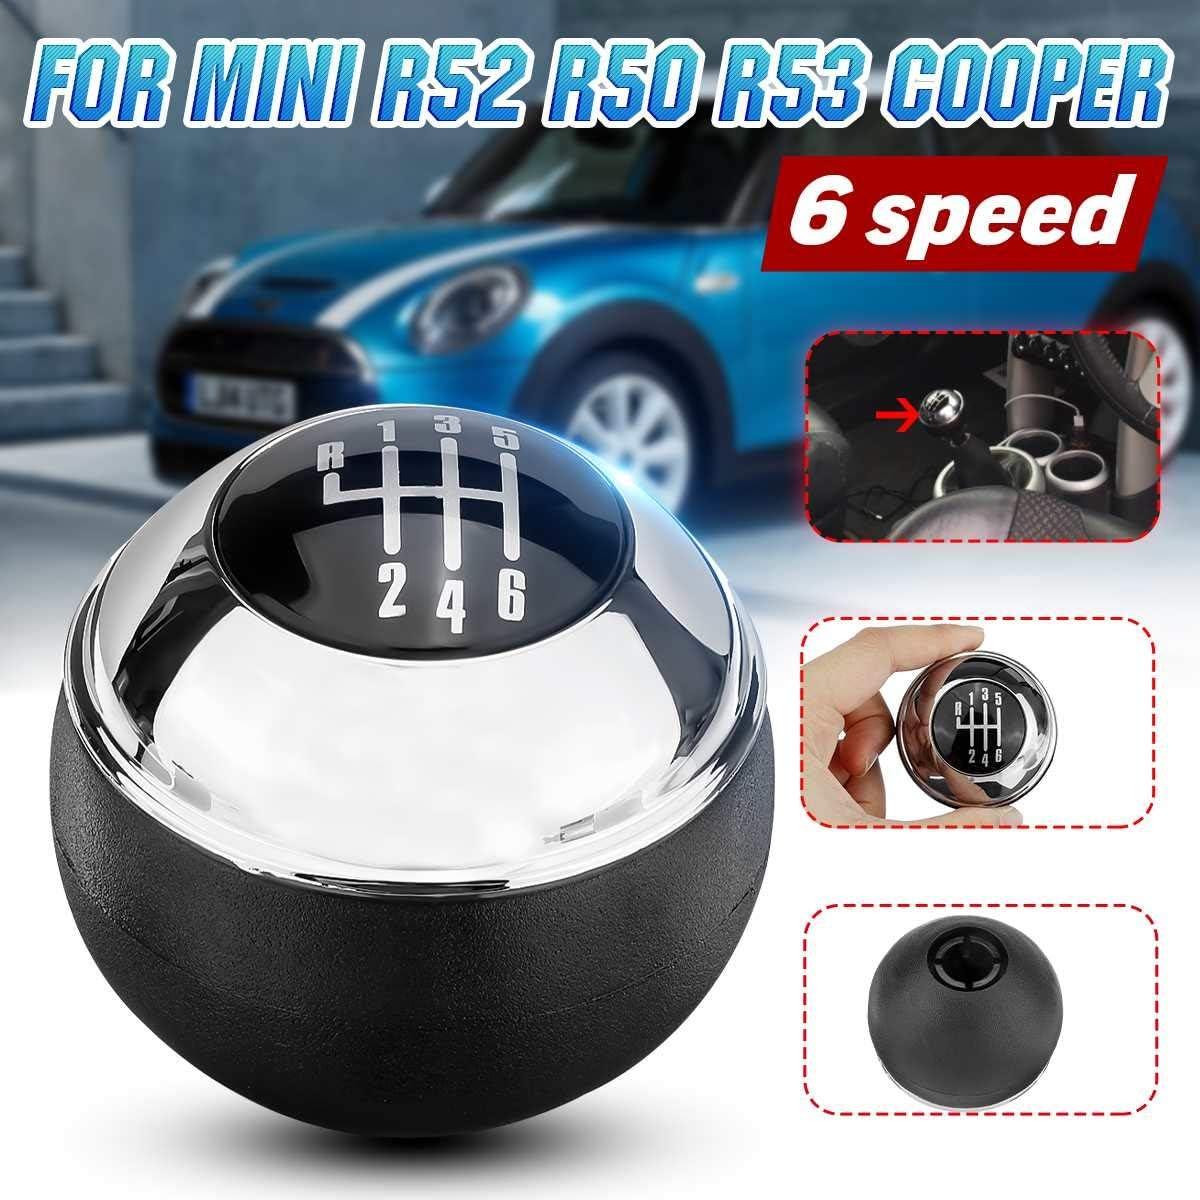 BYWWANG Per Mini R50 One D R52 R53 Cooper S 3 Porte 2001-2008 6 Marce per Auto MT Pomello del Cambio Palla in plastica Maniglia del Cambio